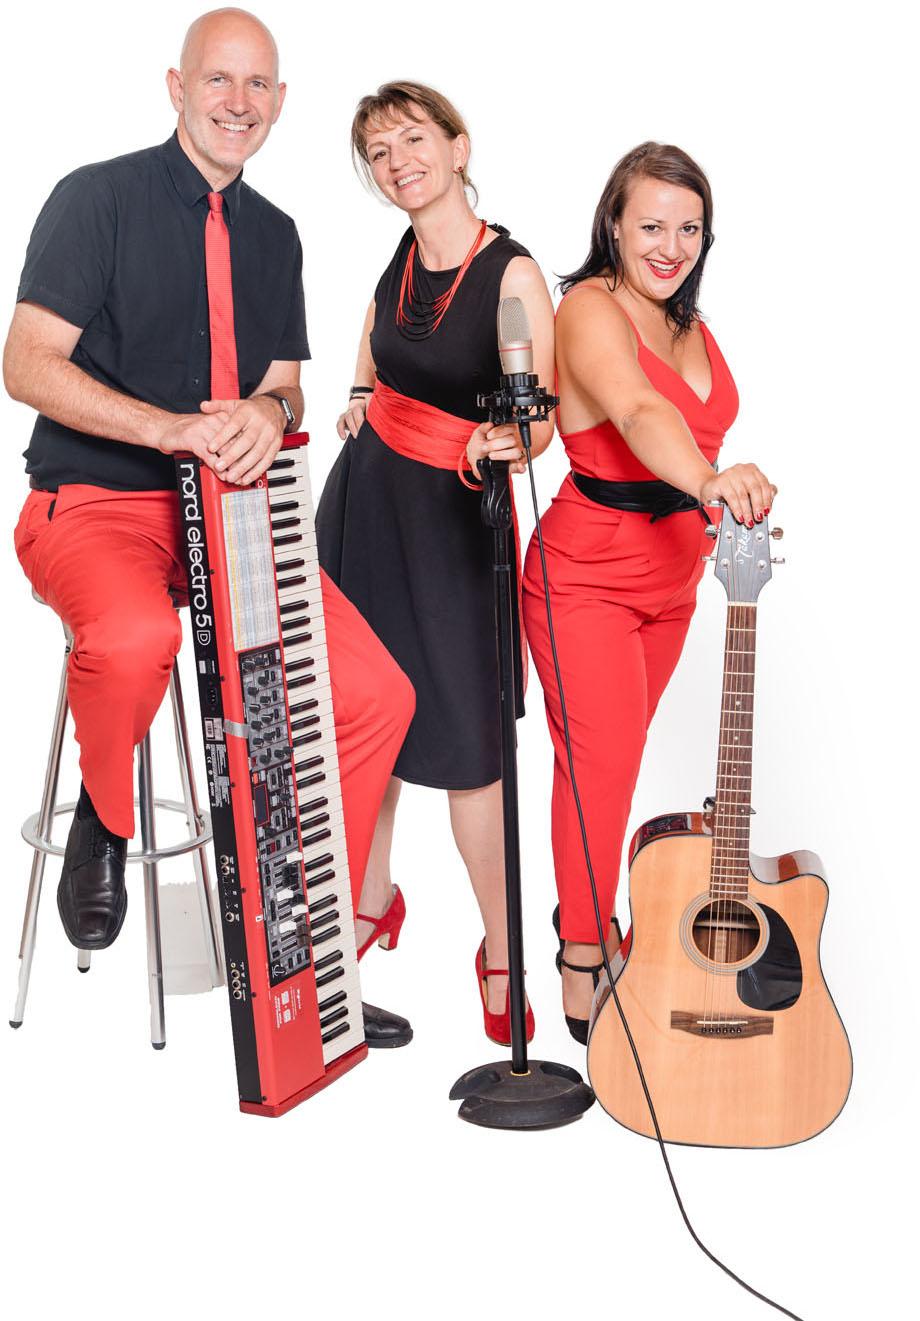 Repertoire Sängerin Gitarristin keyboardspieler, trio voices and music, hochzeit Firmenfeier Geburtstagsfeier